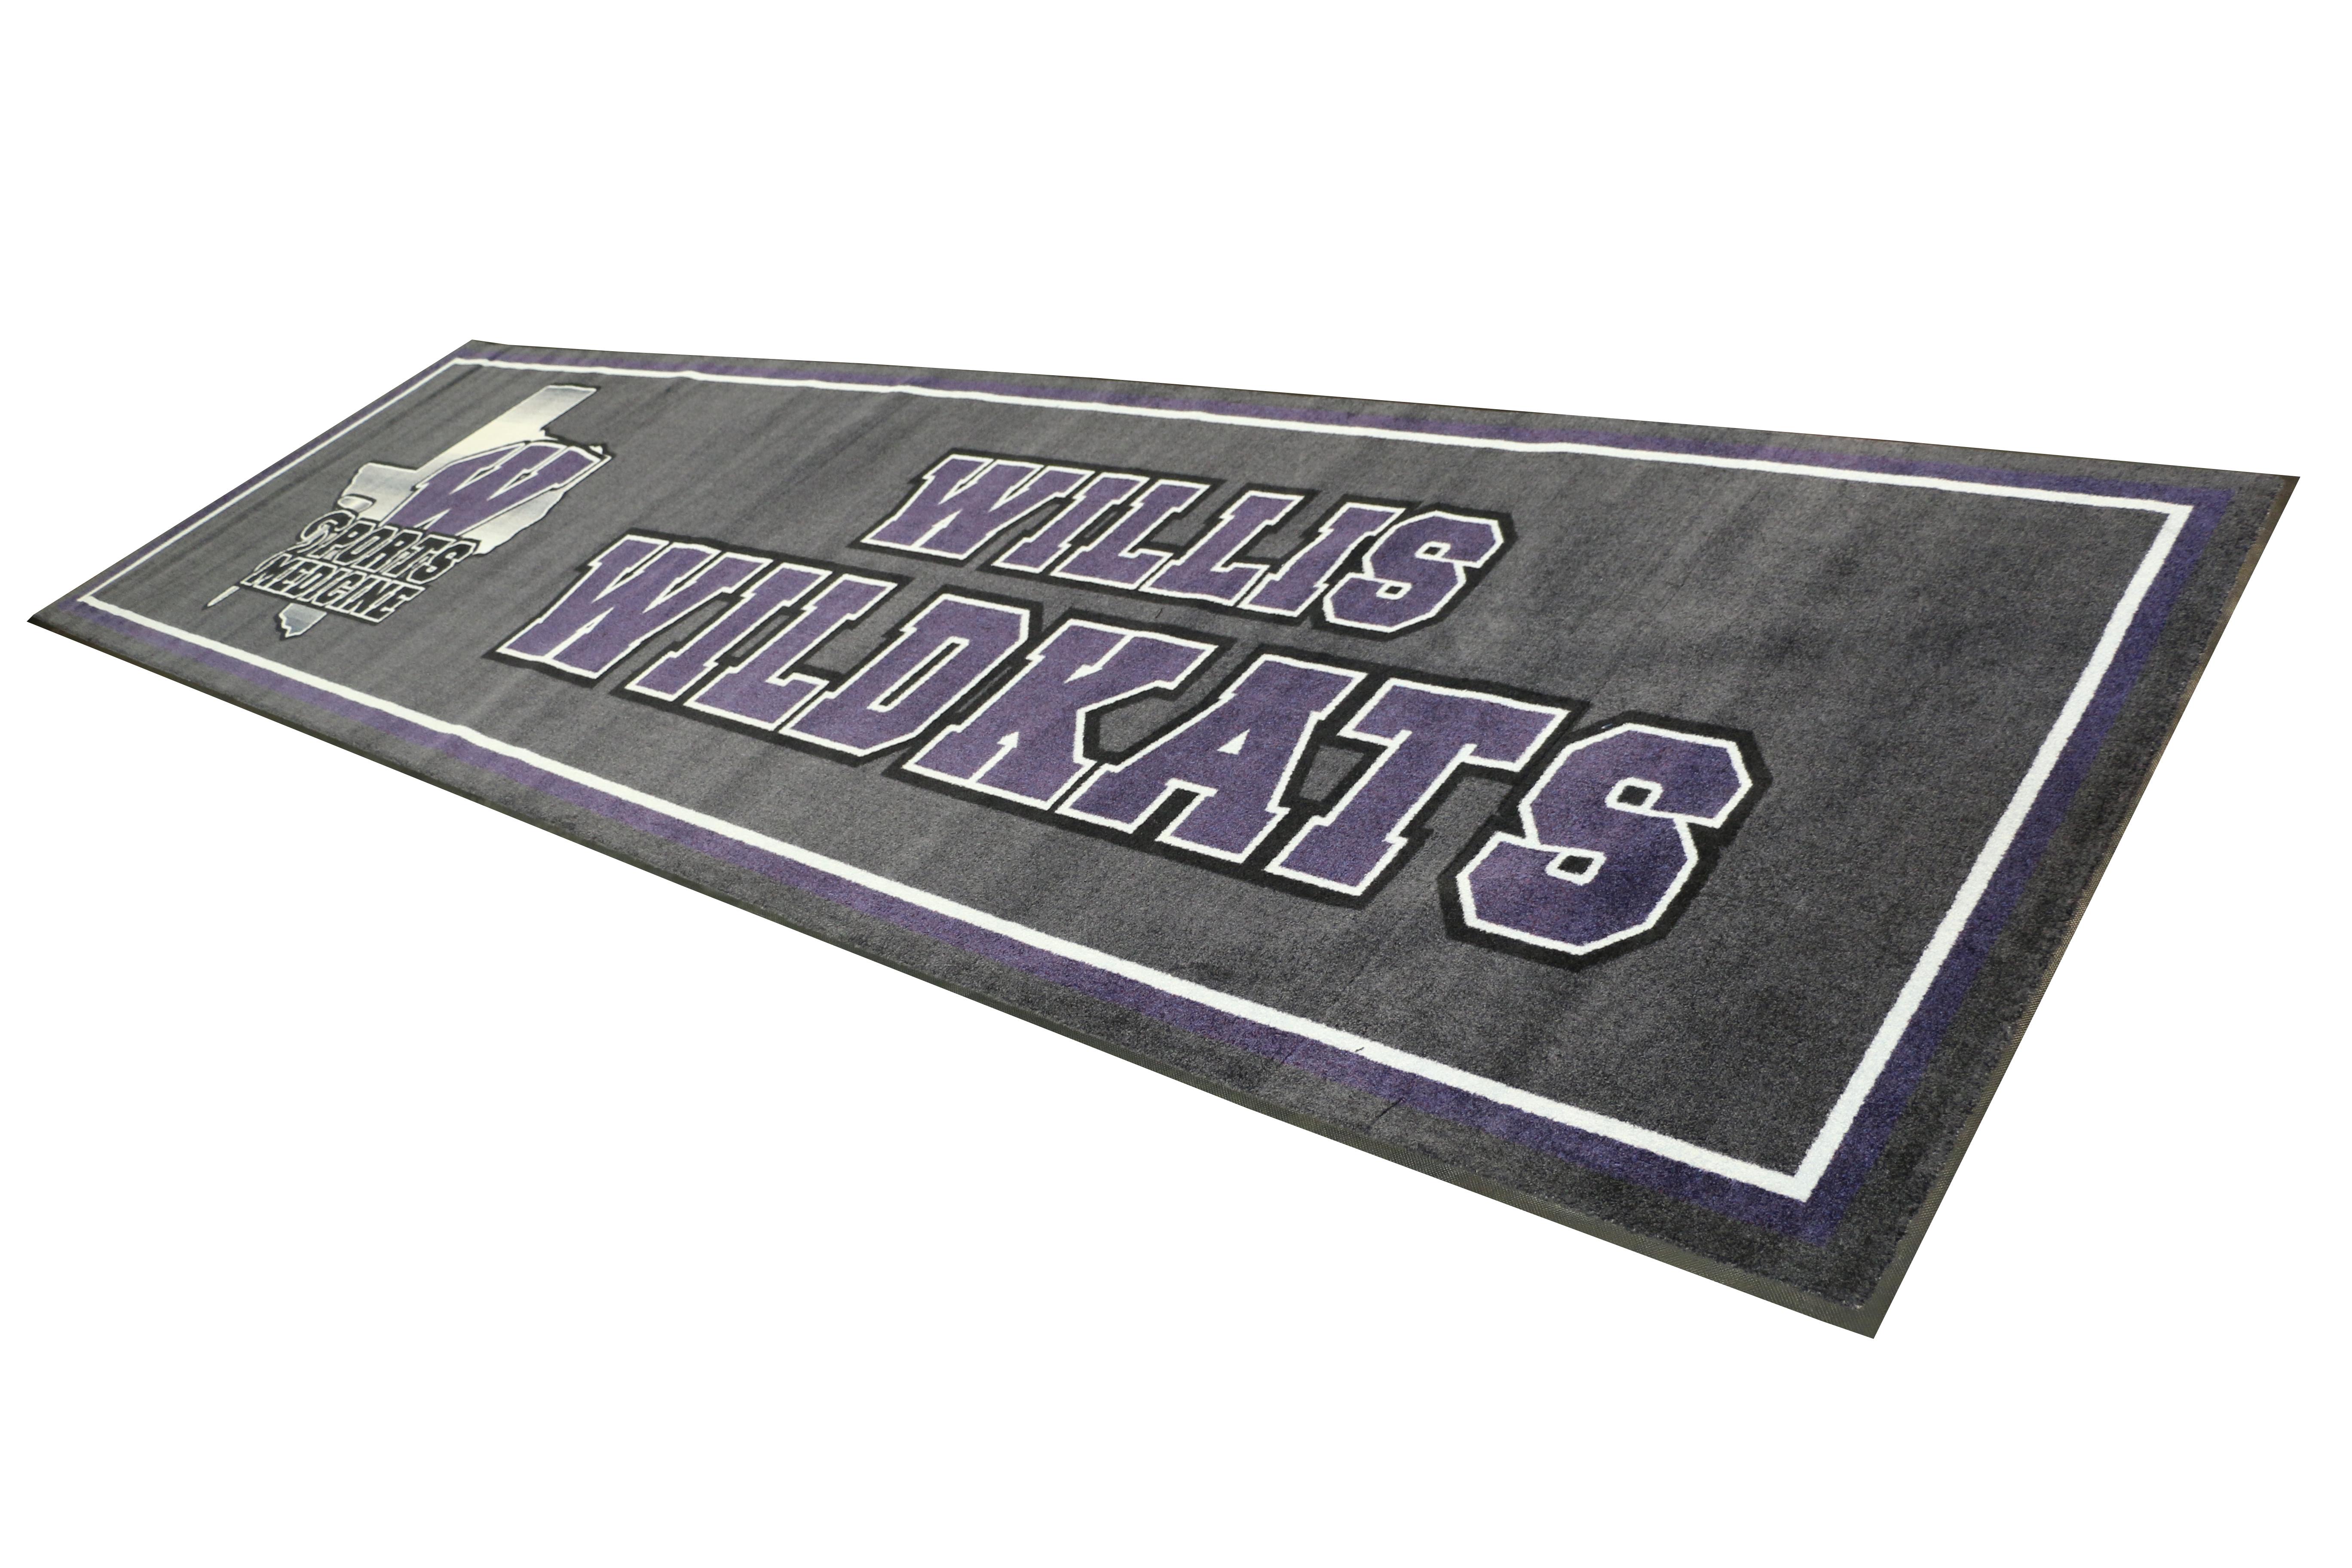 Willis HS-(logo rug)